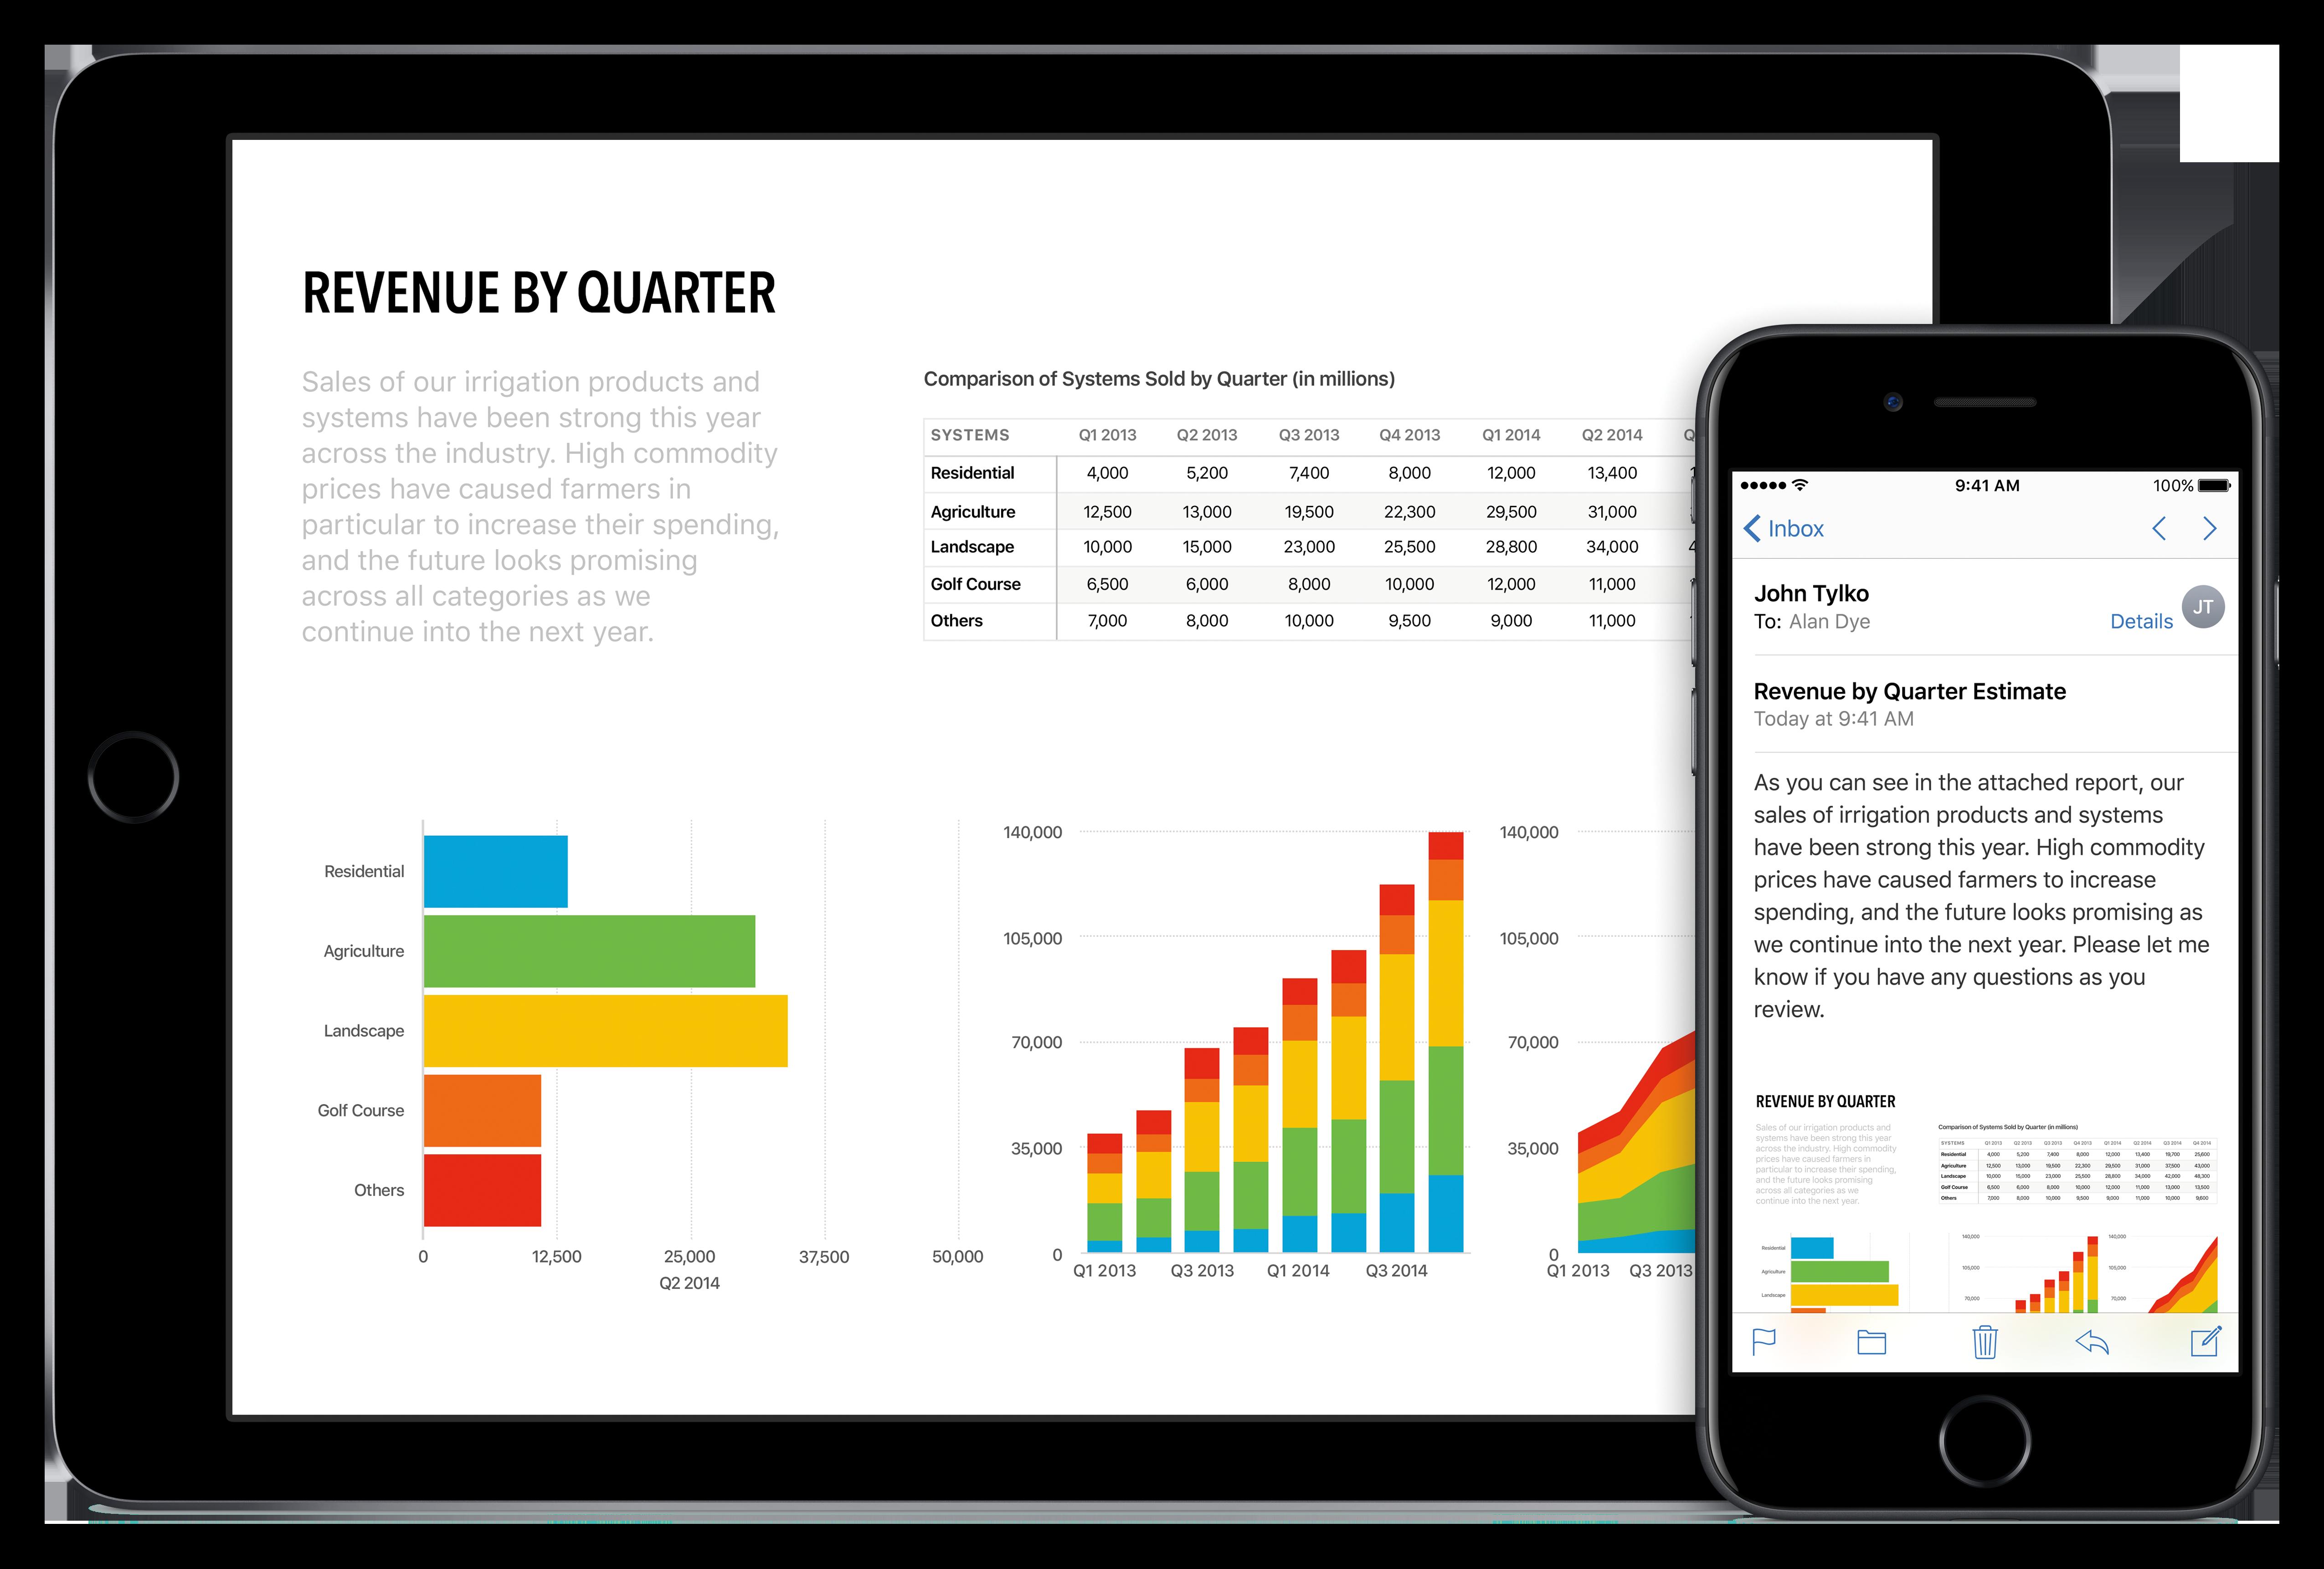 iPadPro9 ja iPhone7 yrityskäytössä